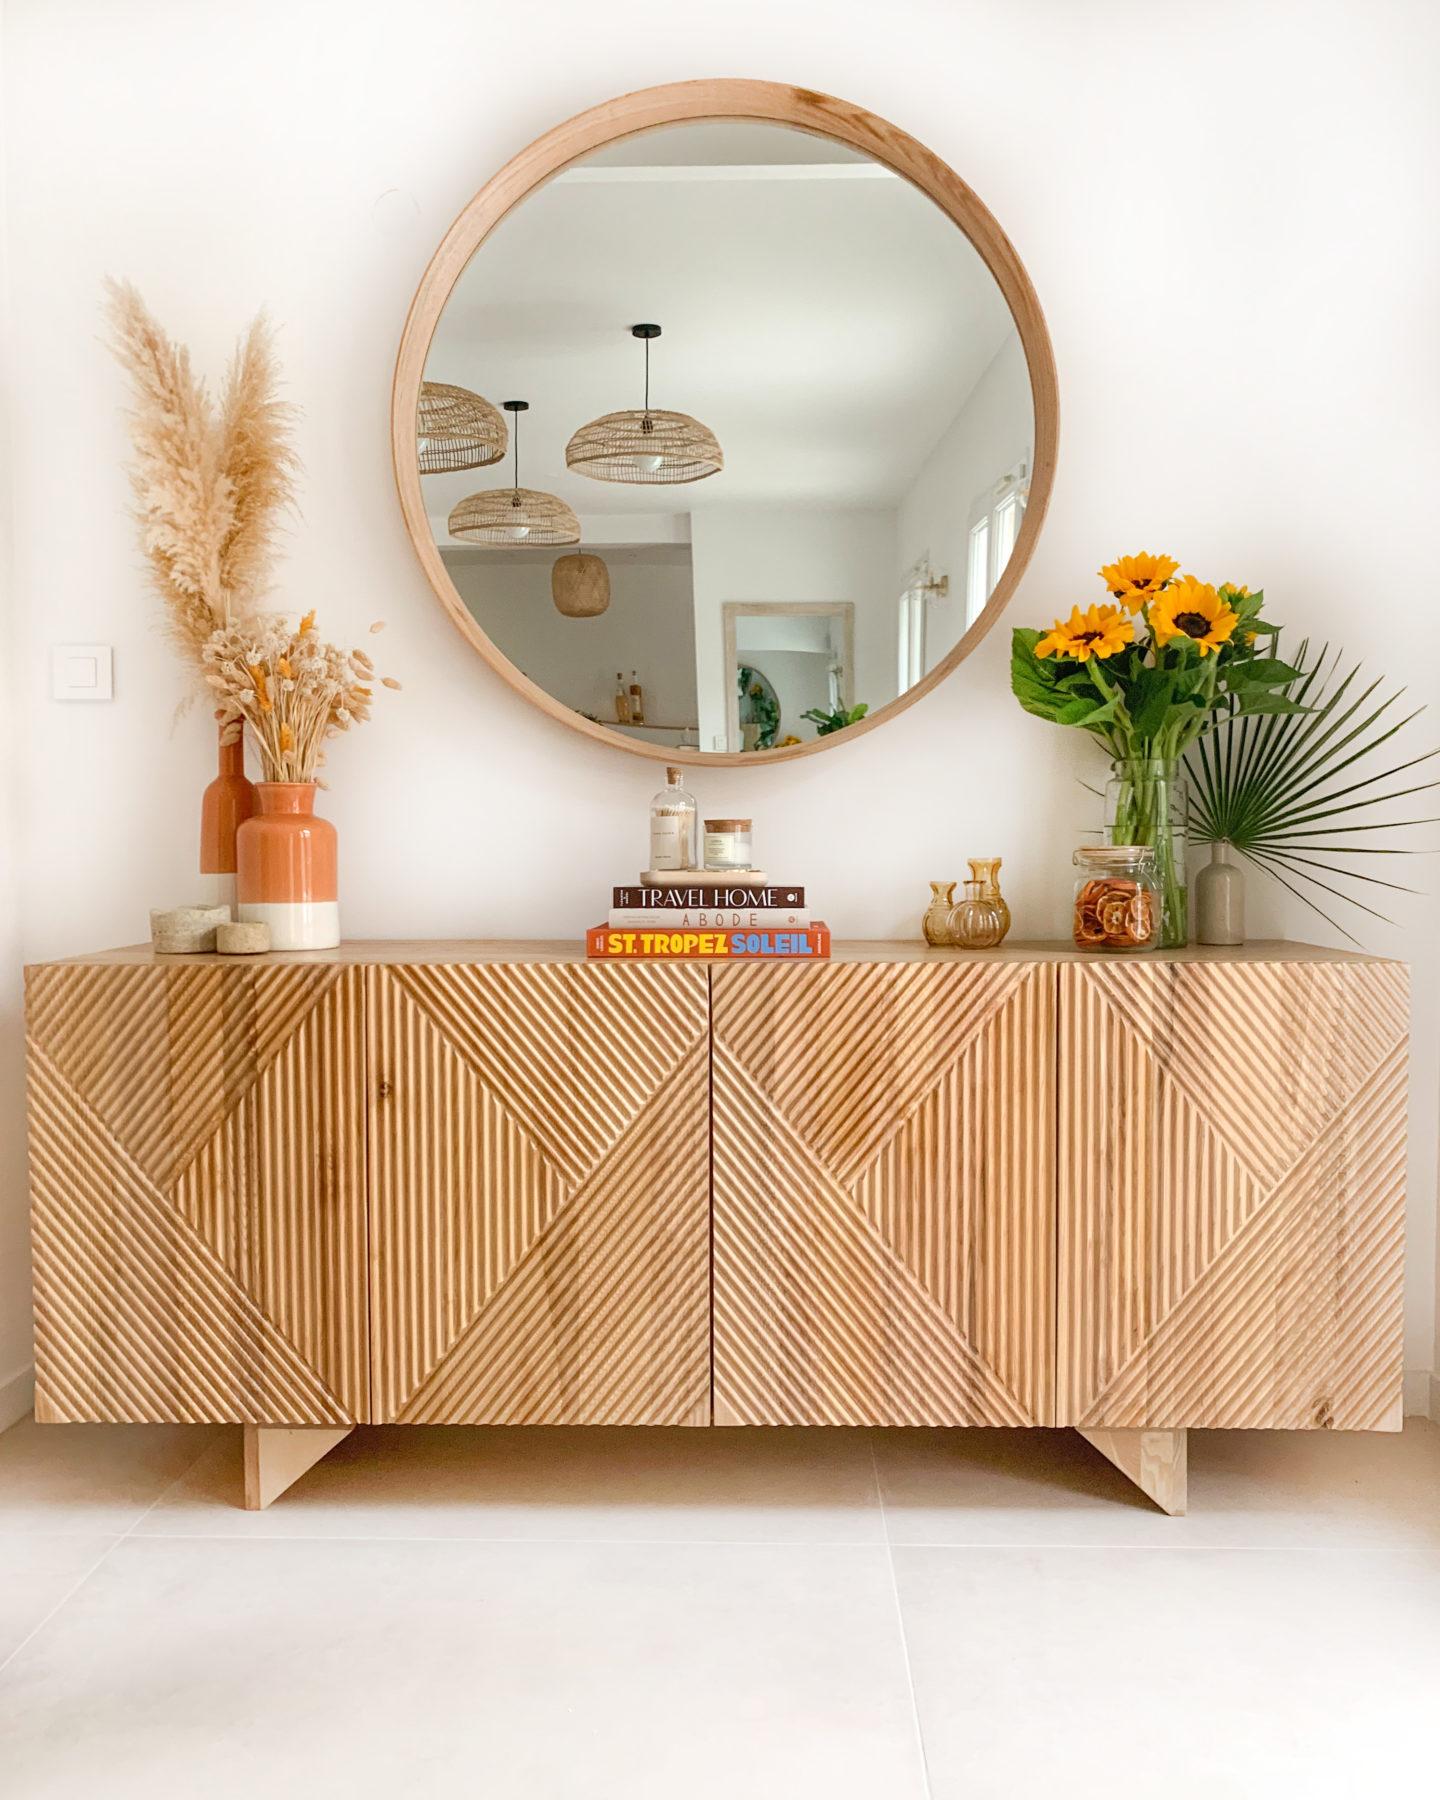 home decor, interior decor, décoration intérieure